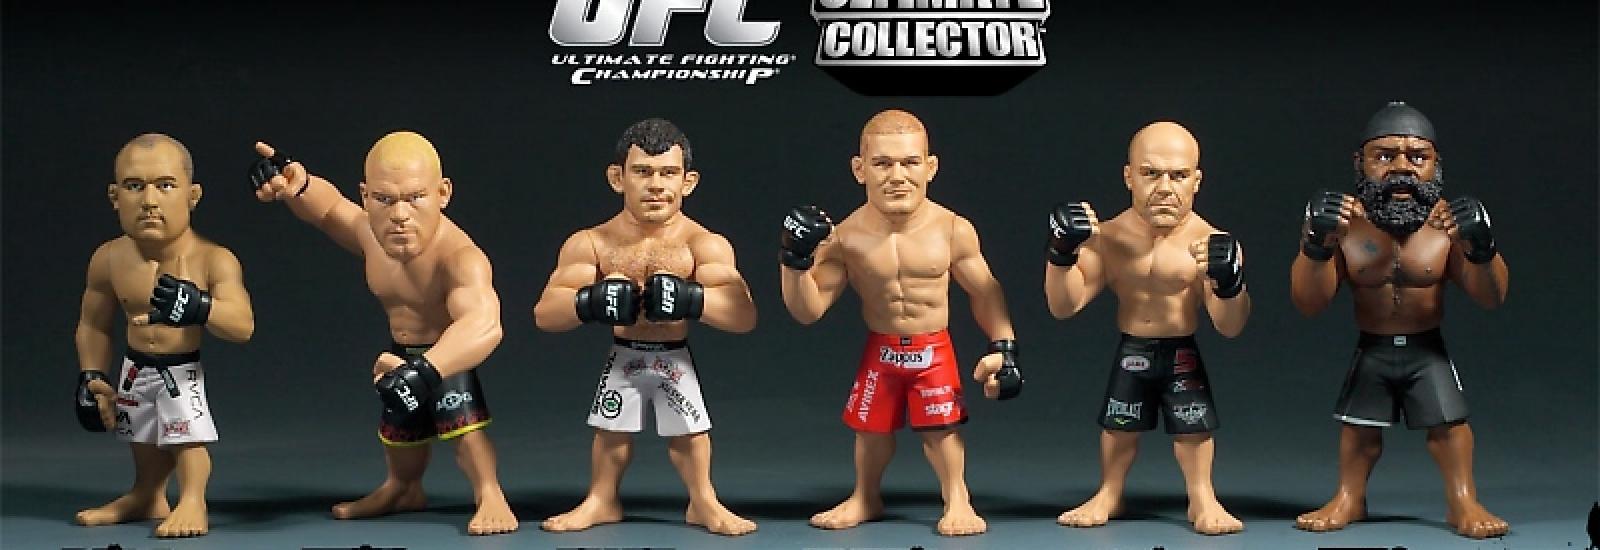 Фигурки бойцов UFC в движении